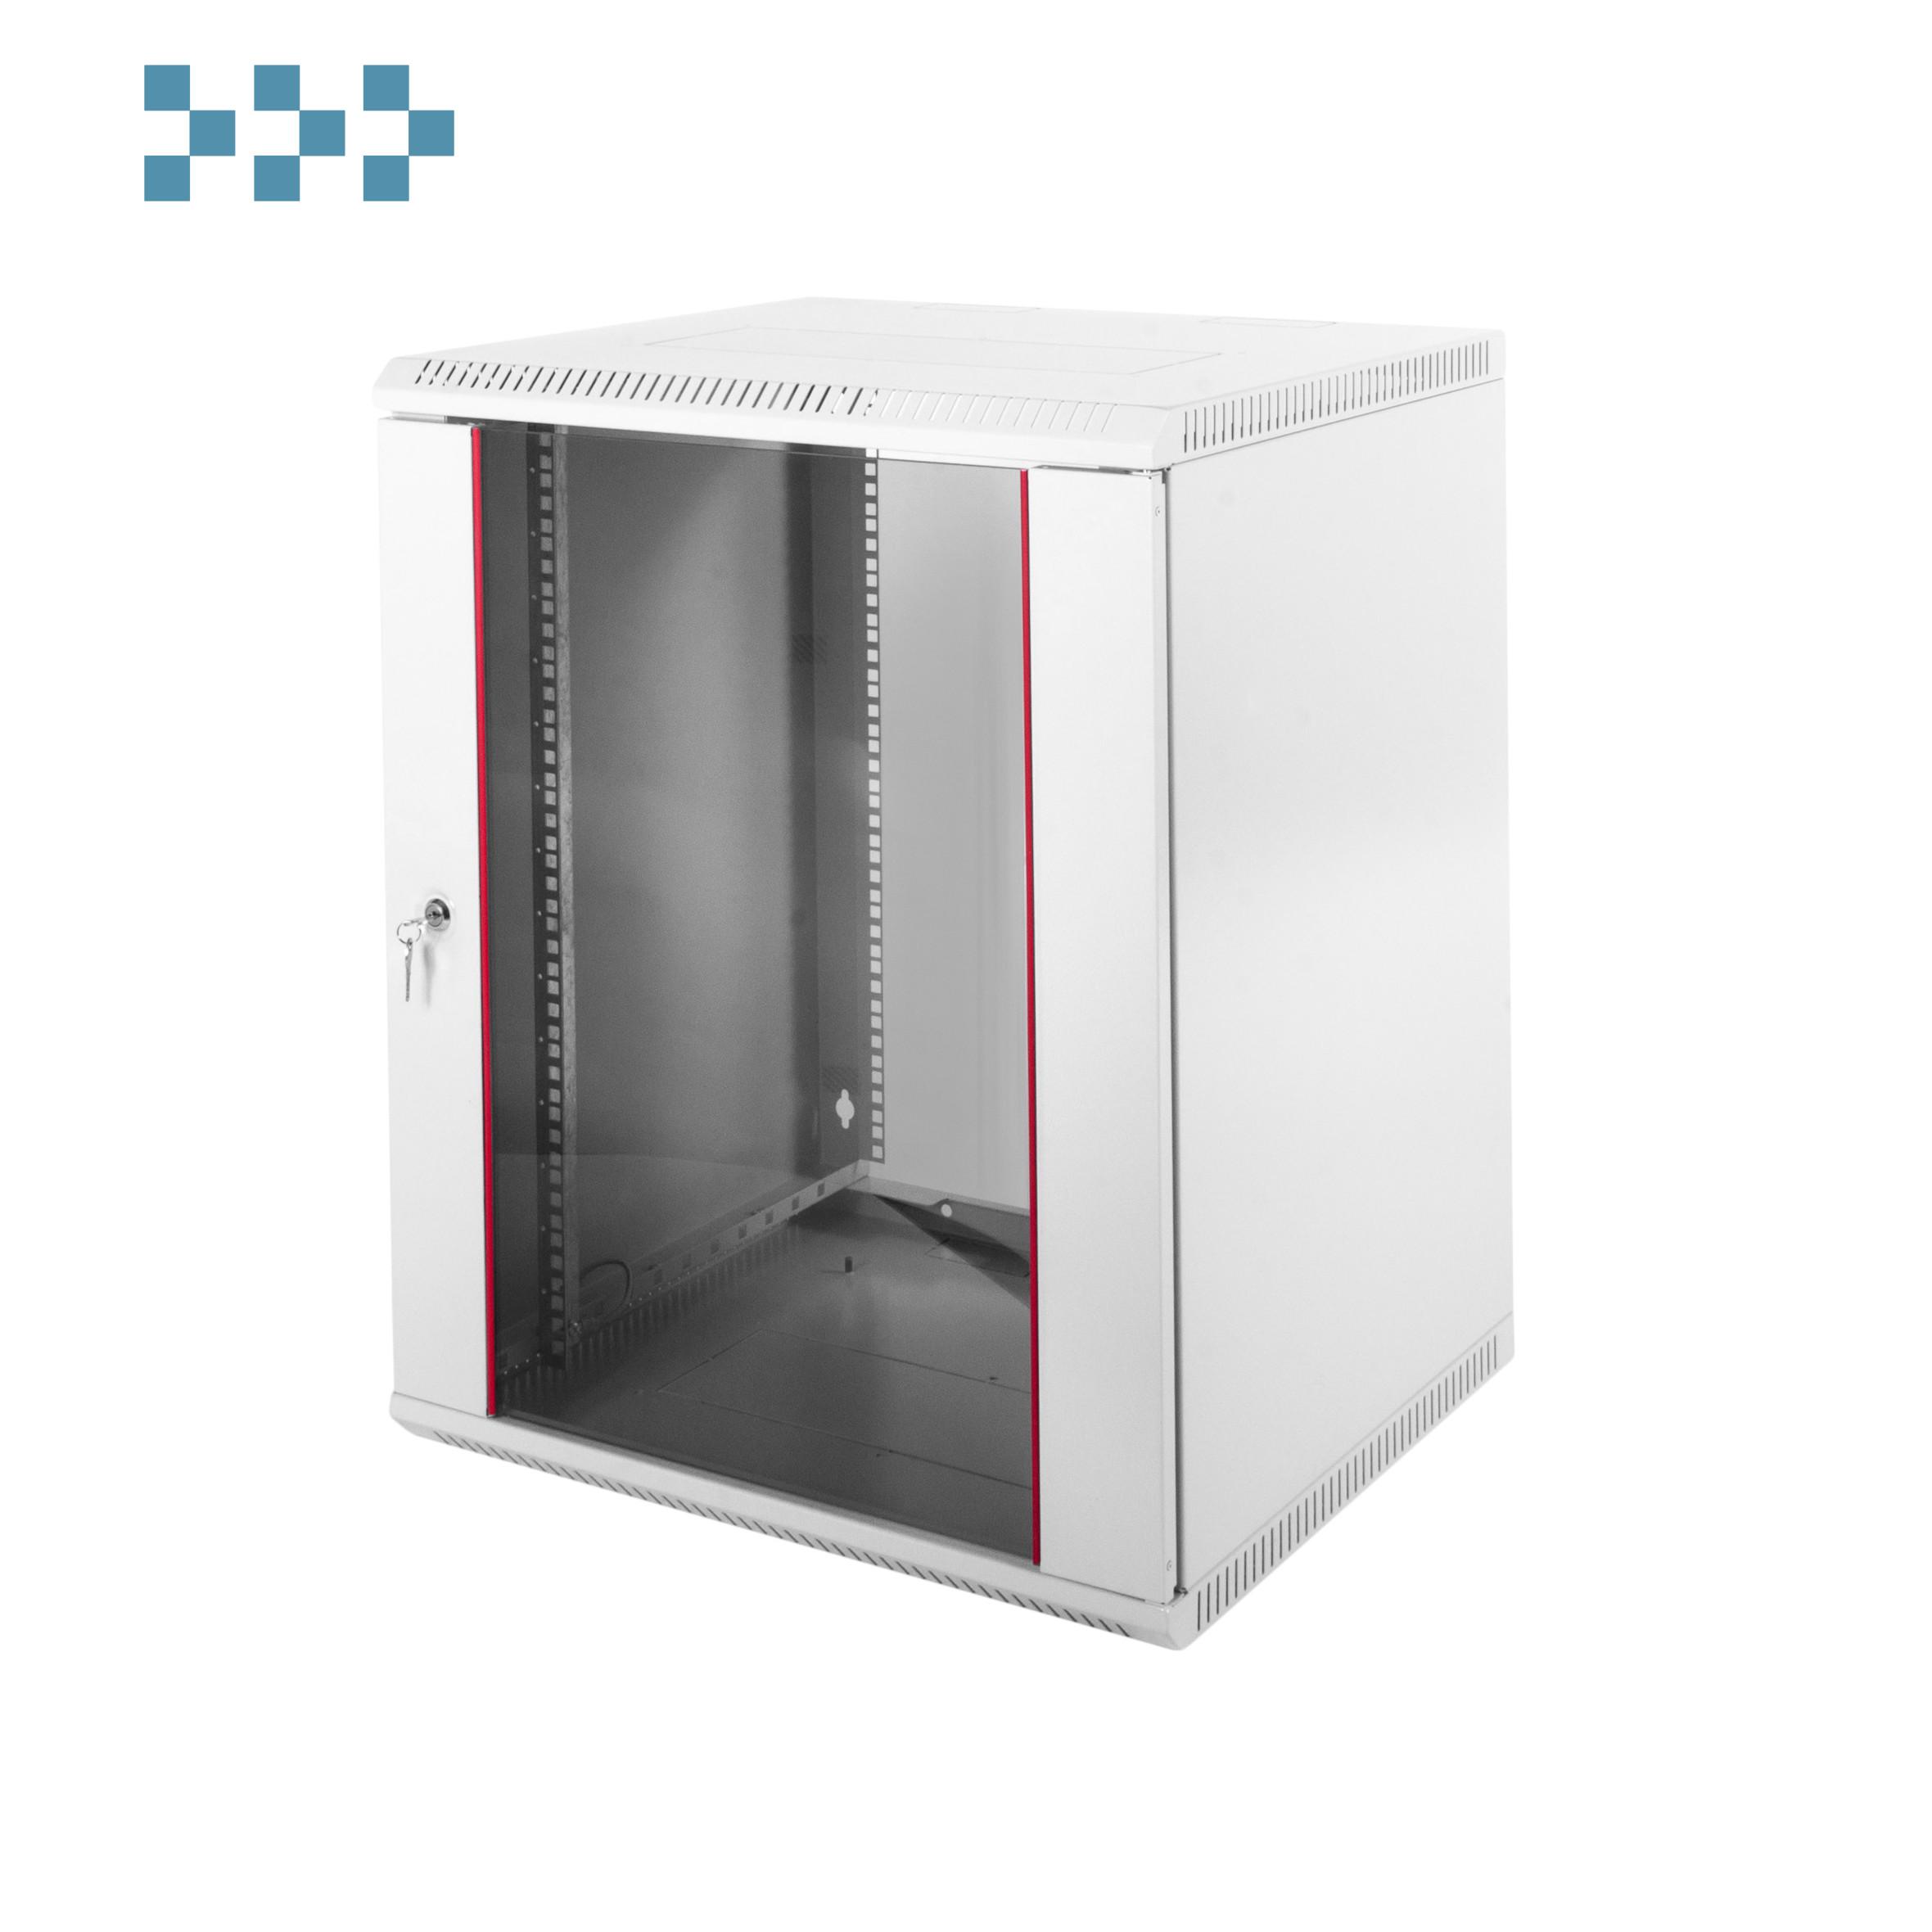 Шкаф телекоммуникационный настенный разборный 12U ШРН-Э-12.350